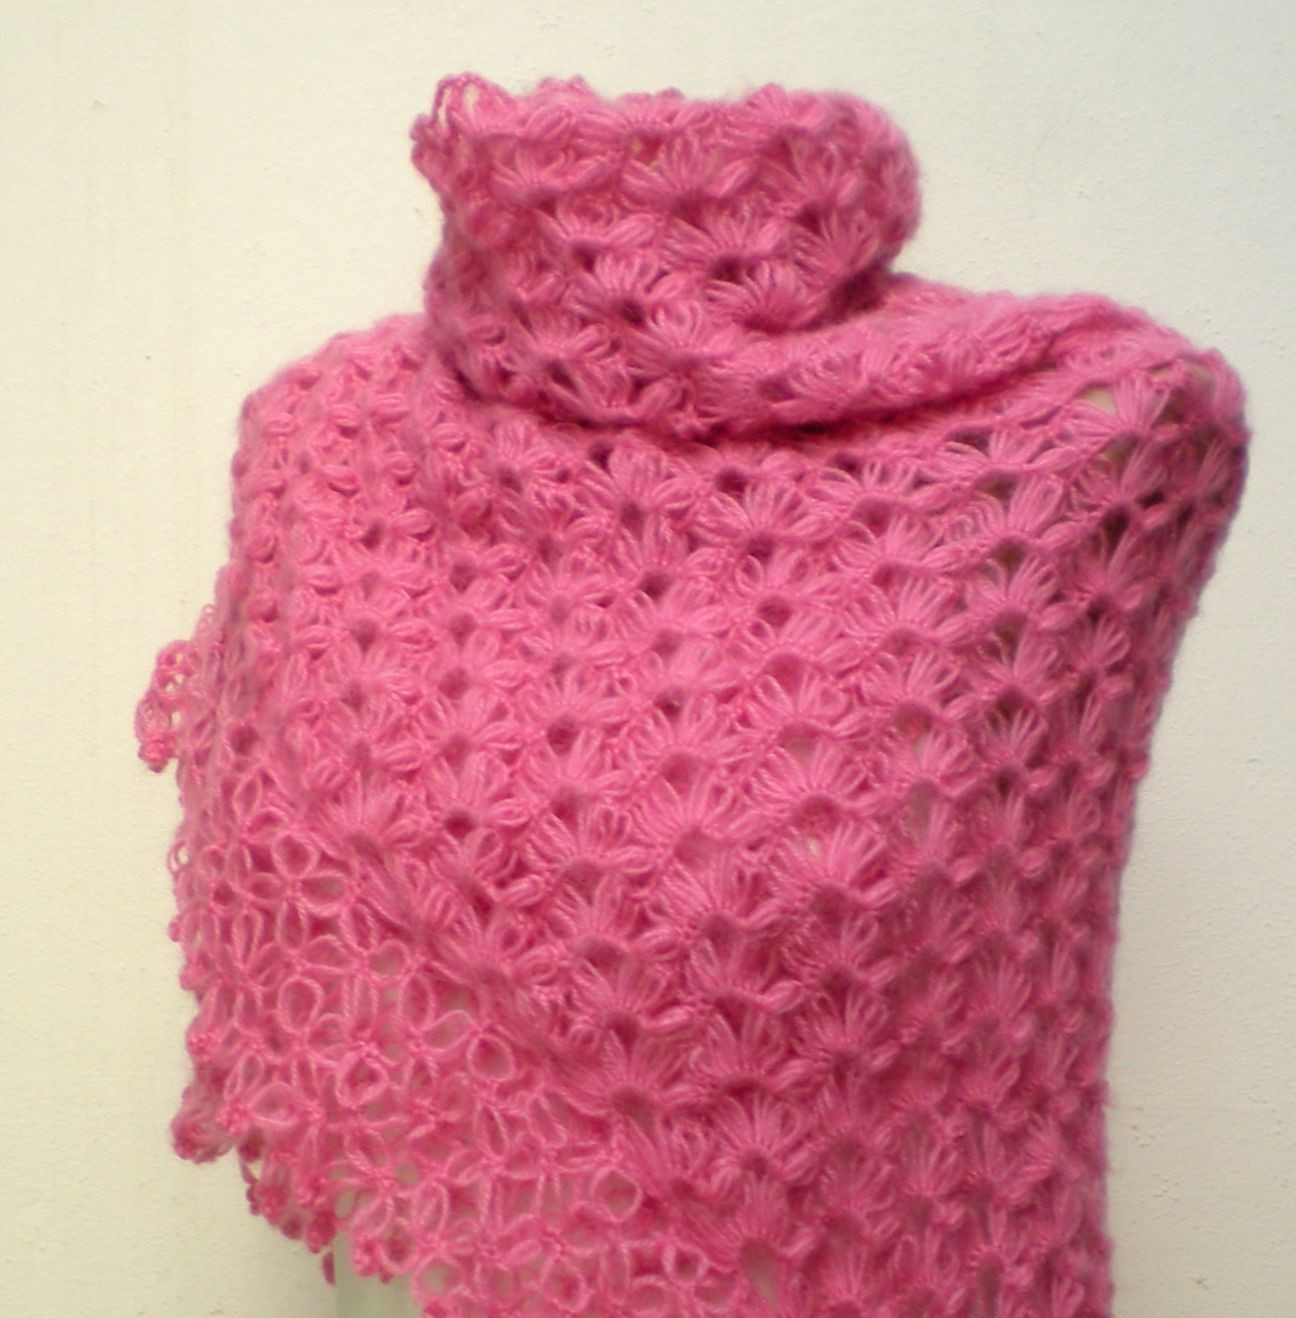 Knit Shawl Patterns : free knitting pattern: 2012 Knitting shawl patterns